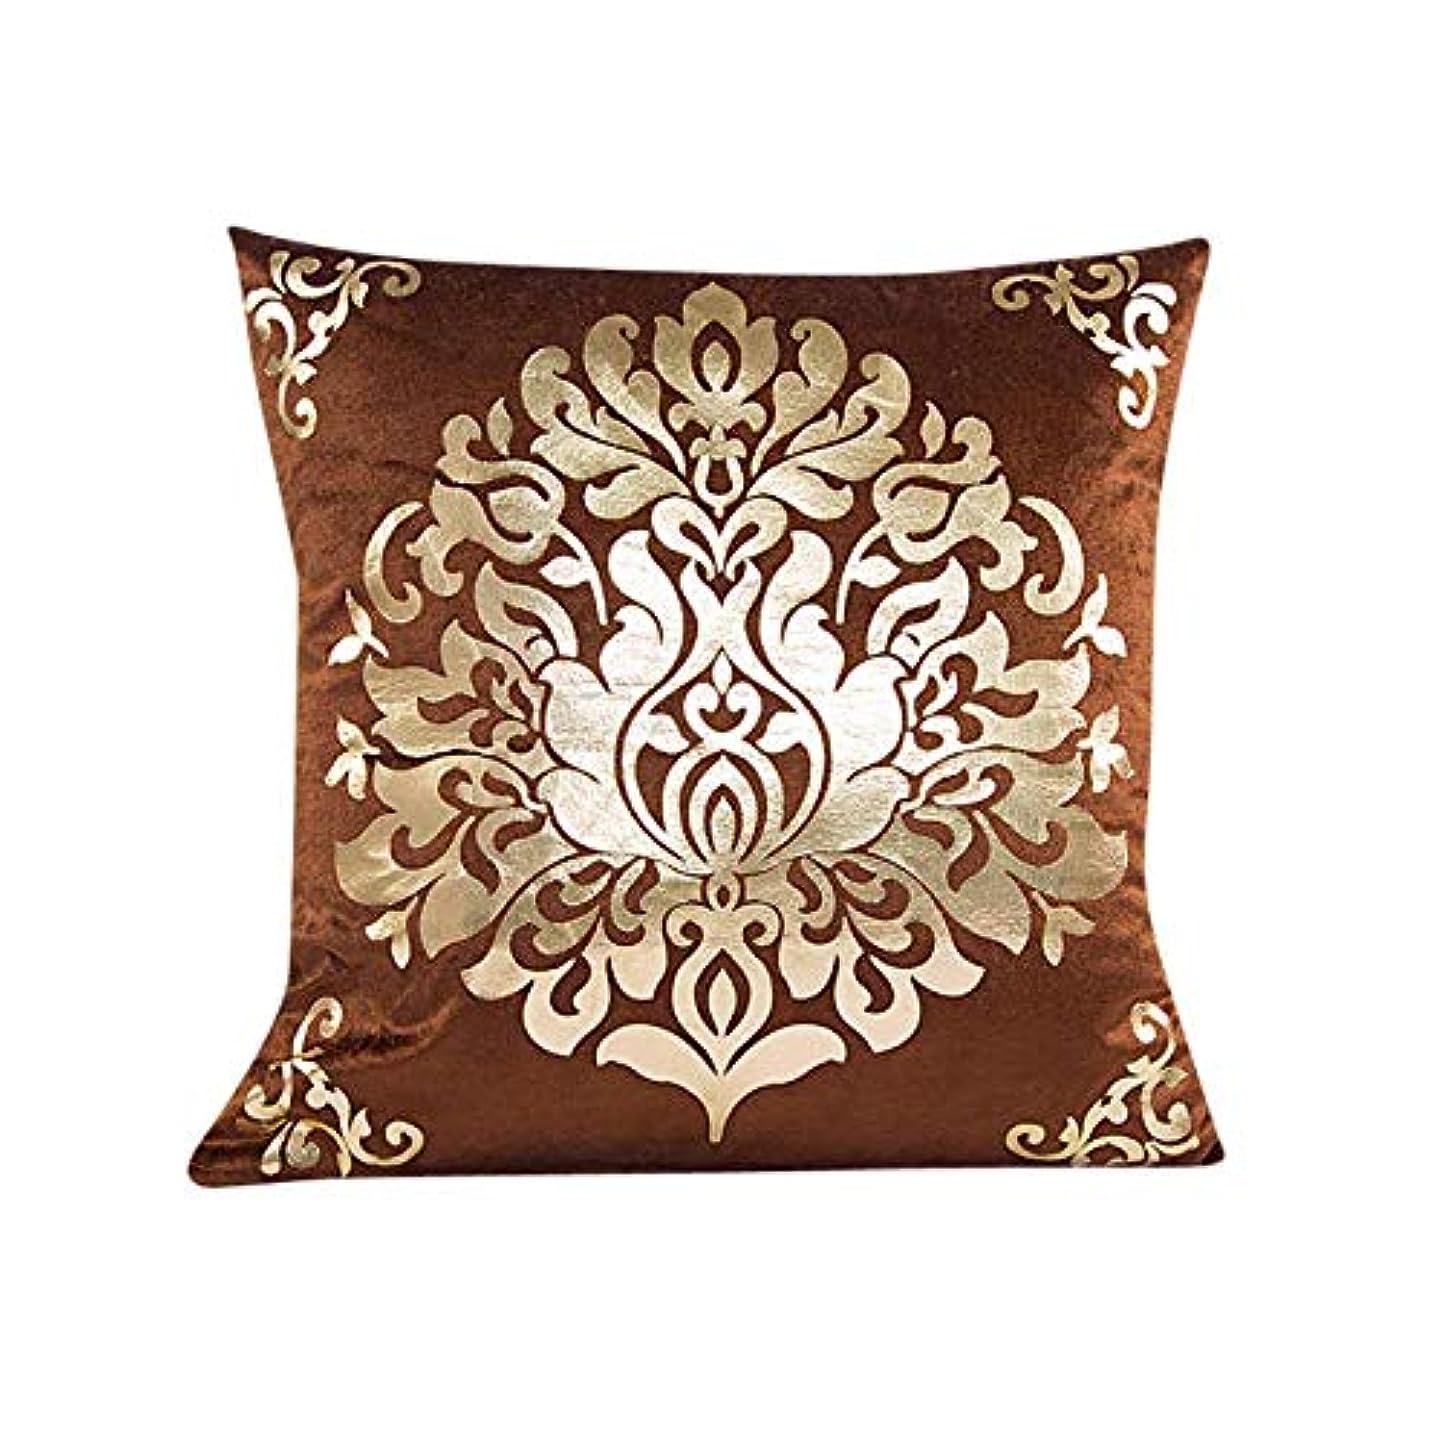 大佐発生する平等LIFE MUQGEW ホット販売クラシック枕ソファ投げるクッション家の装飾 coussin ホームクッション クッション 椅子